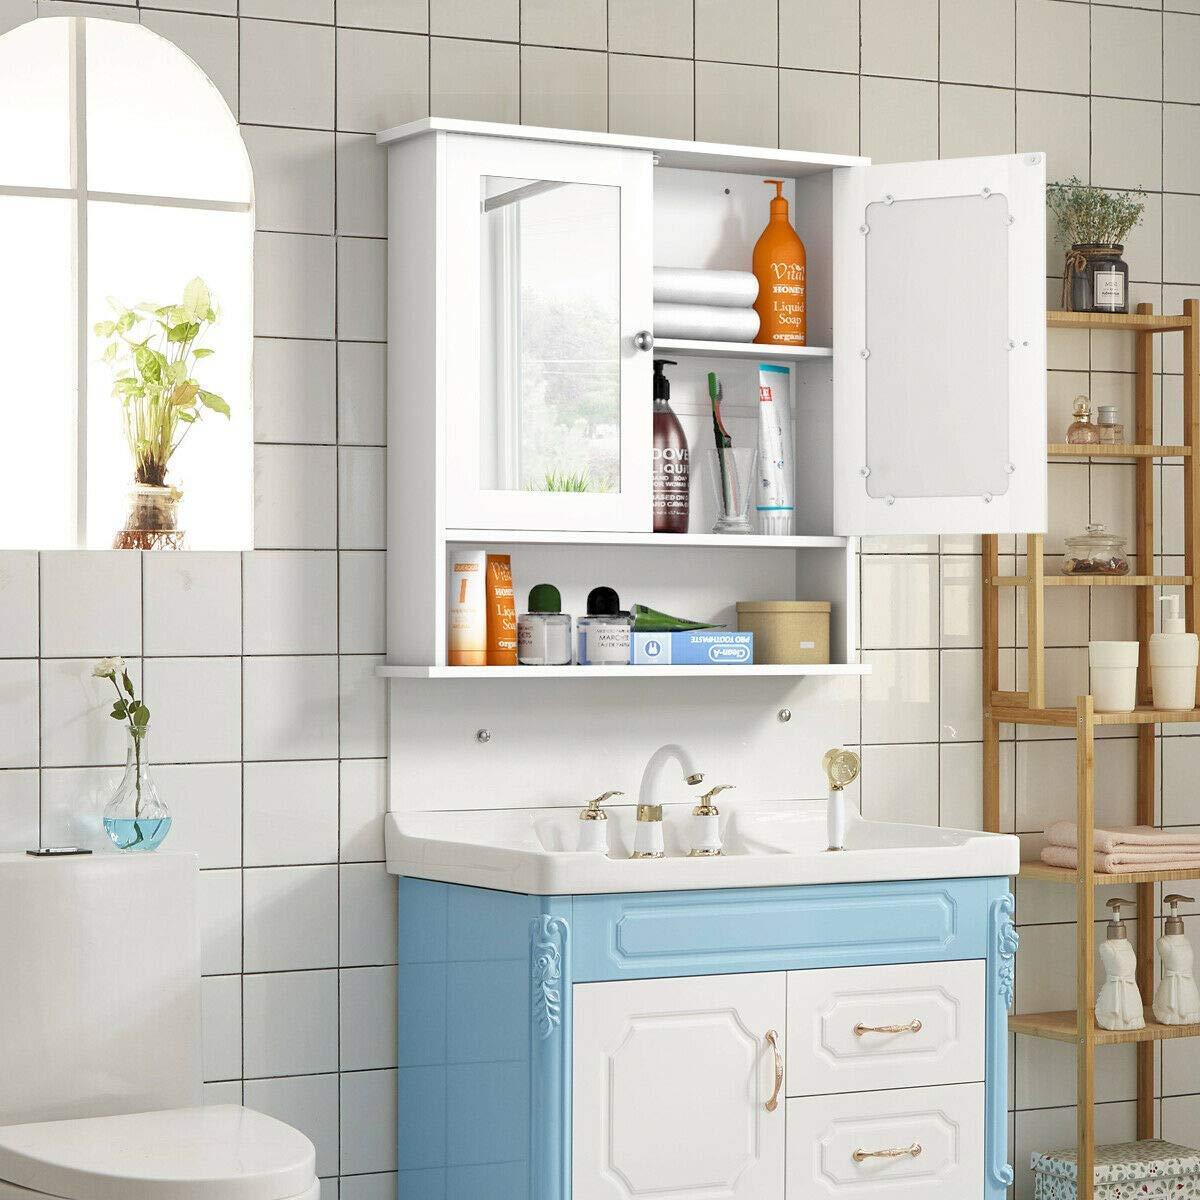 Wooden Bathroom Wall Mount Medicine Cabinet With Mirror Doors Adjustable Shelf Ebay